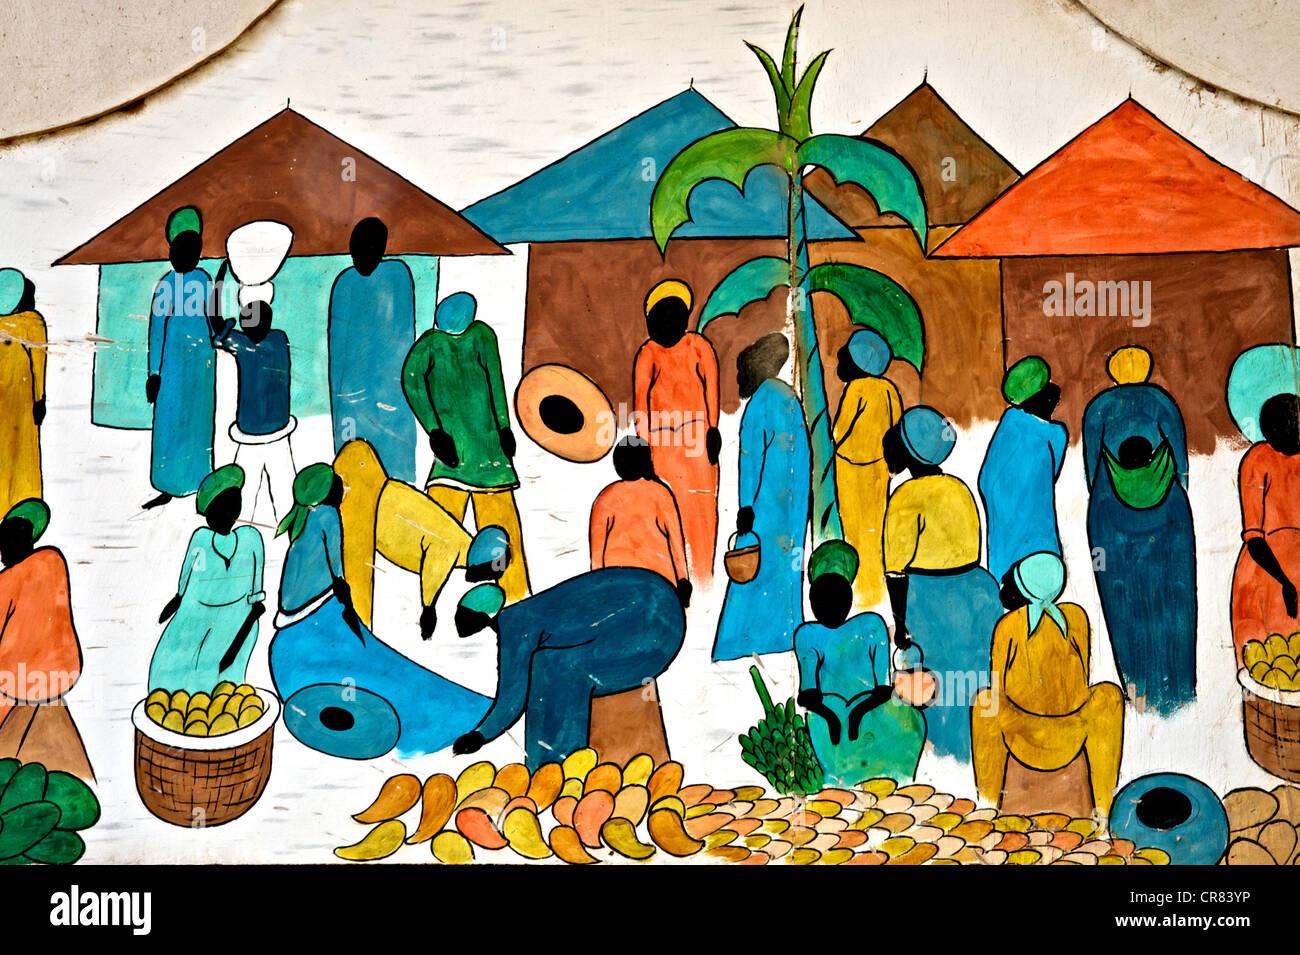 Künstlerischen Detail der bunte Zeichnung das afrikanische Leben Stockbild